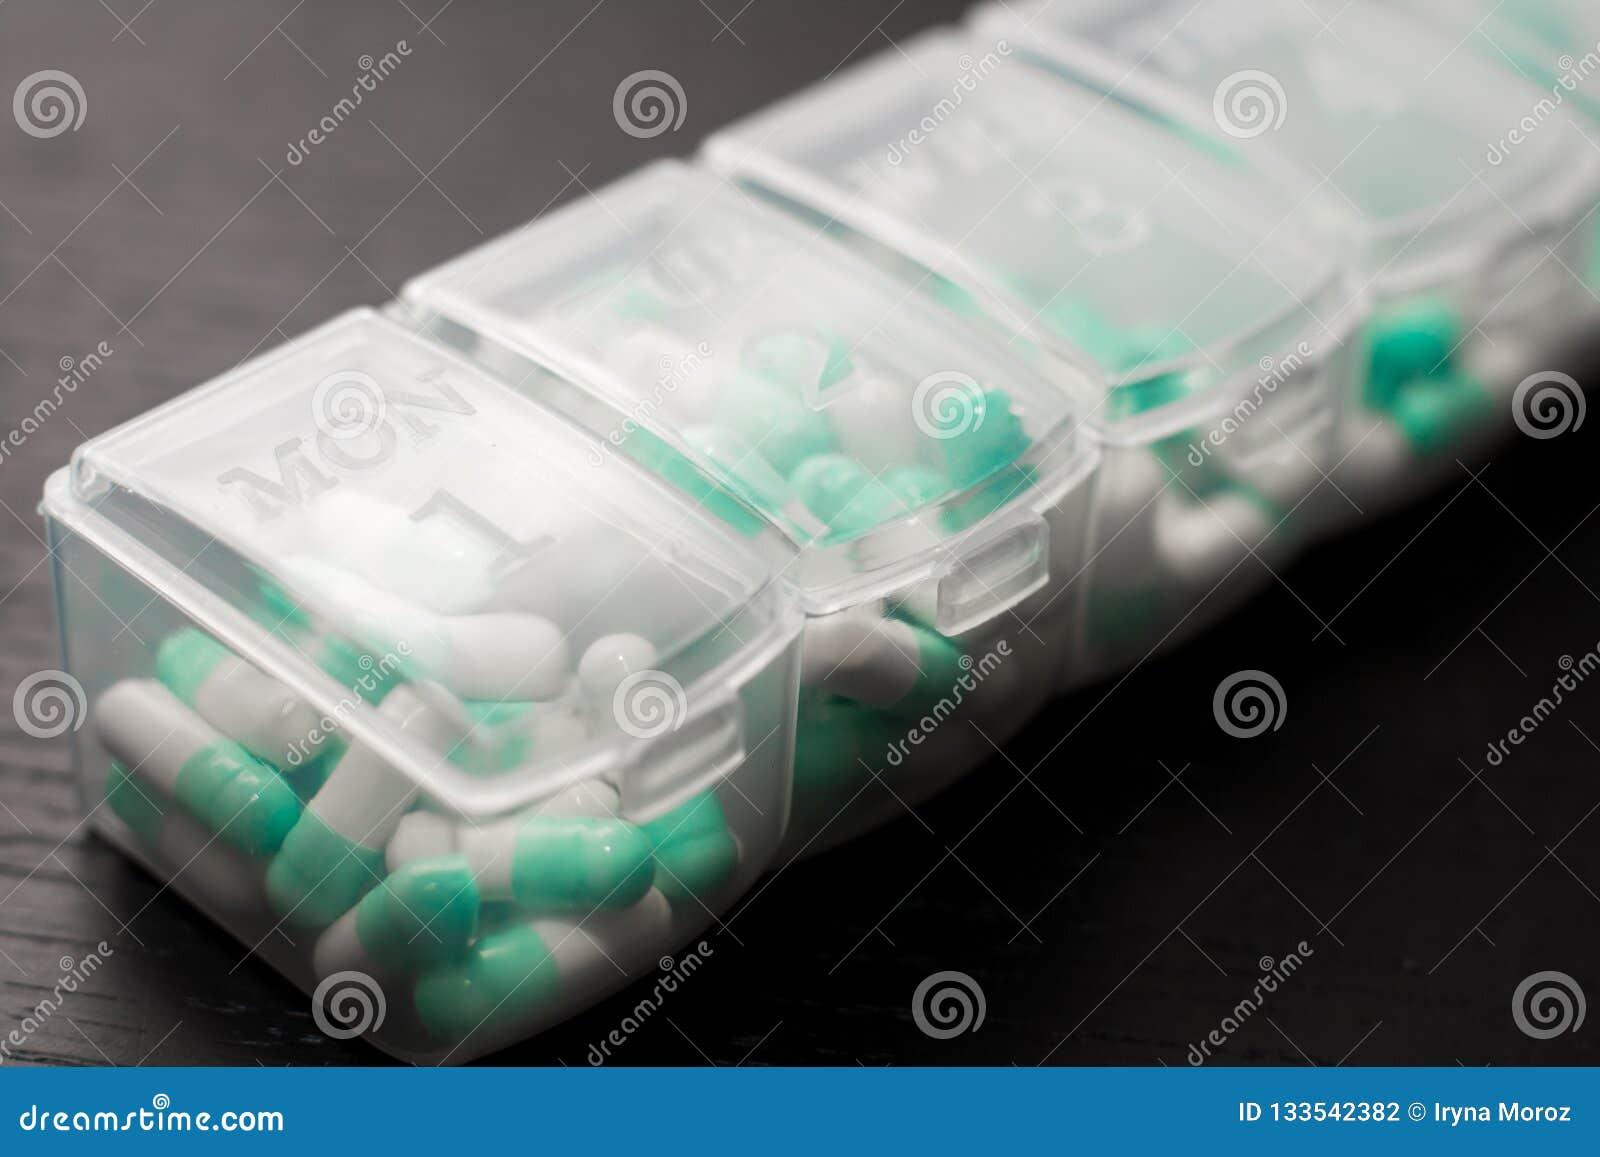 Estremo vicino su della scatola di sette giorni della pillola con le pillole Pillola-scatola blu